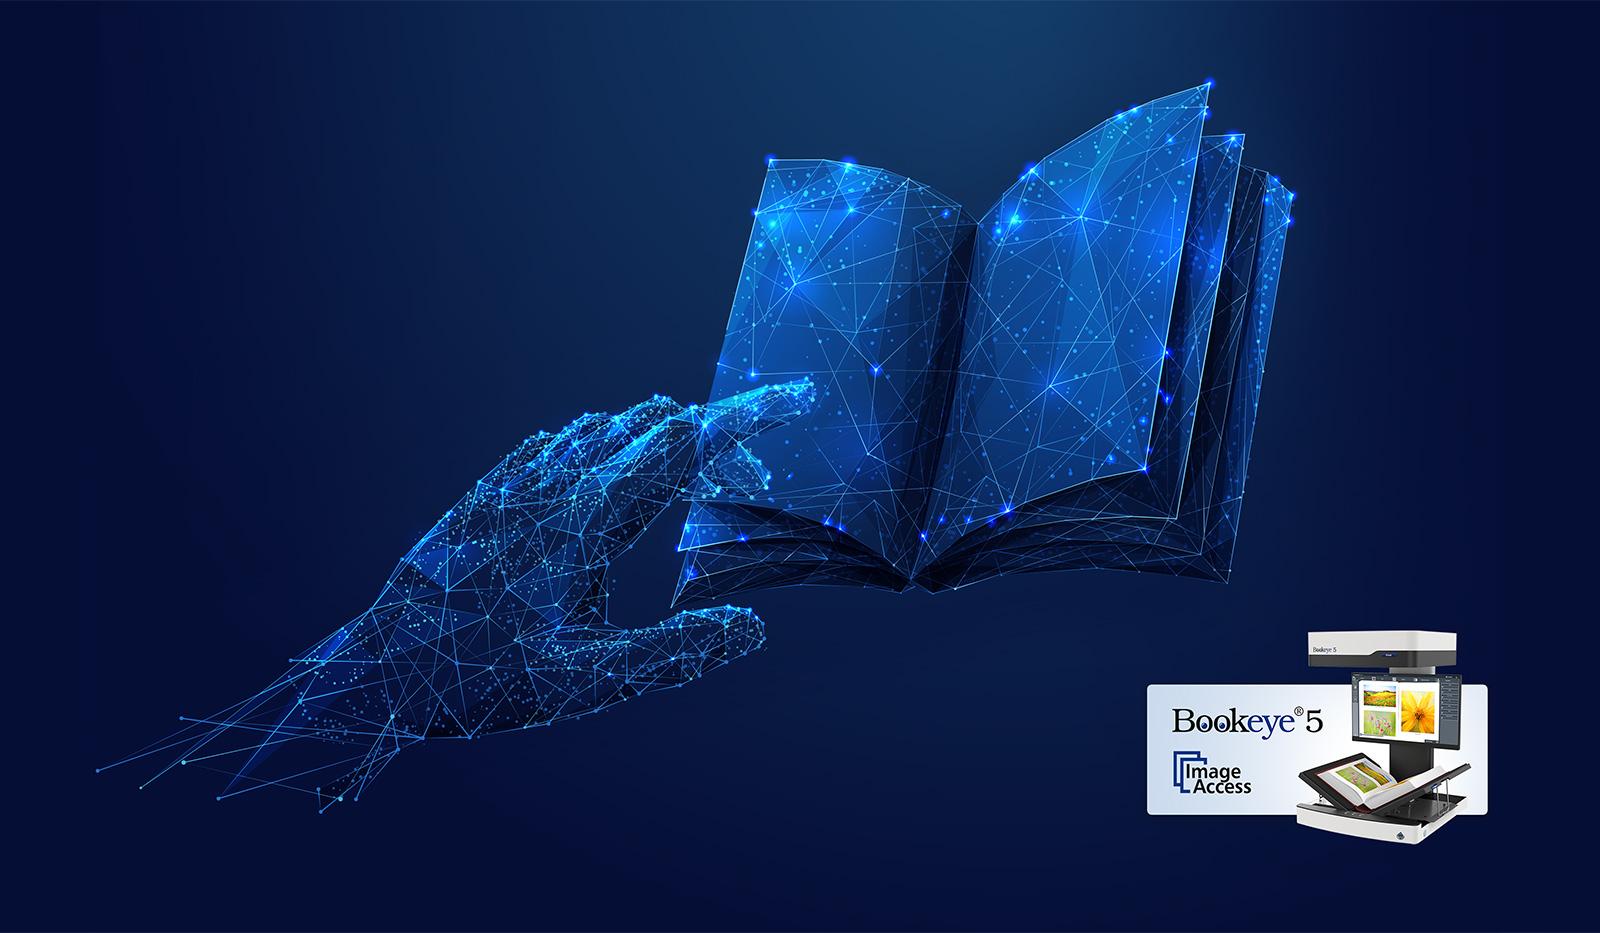 Der neue Bookeye® 5 V3 – für Bibliotheken, Archive, Dienstleister & Universitäten - Digitalisieren von Büchern